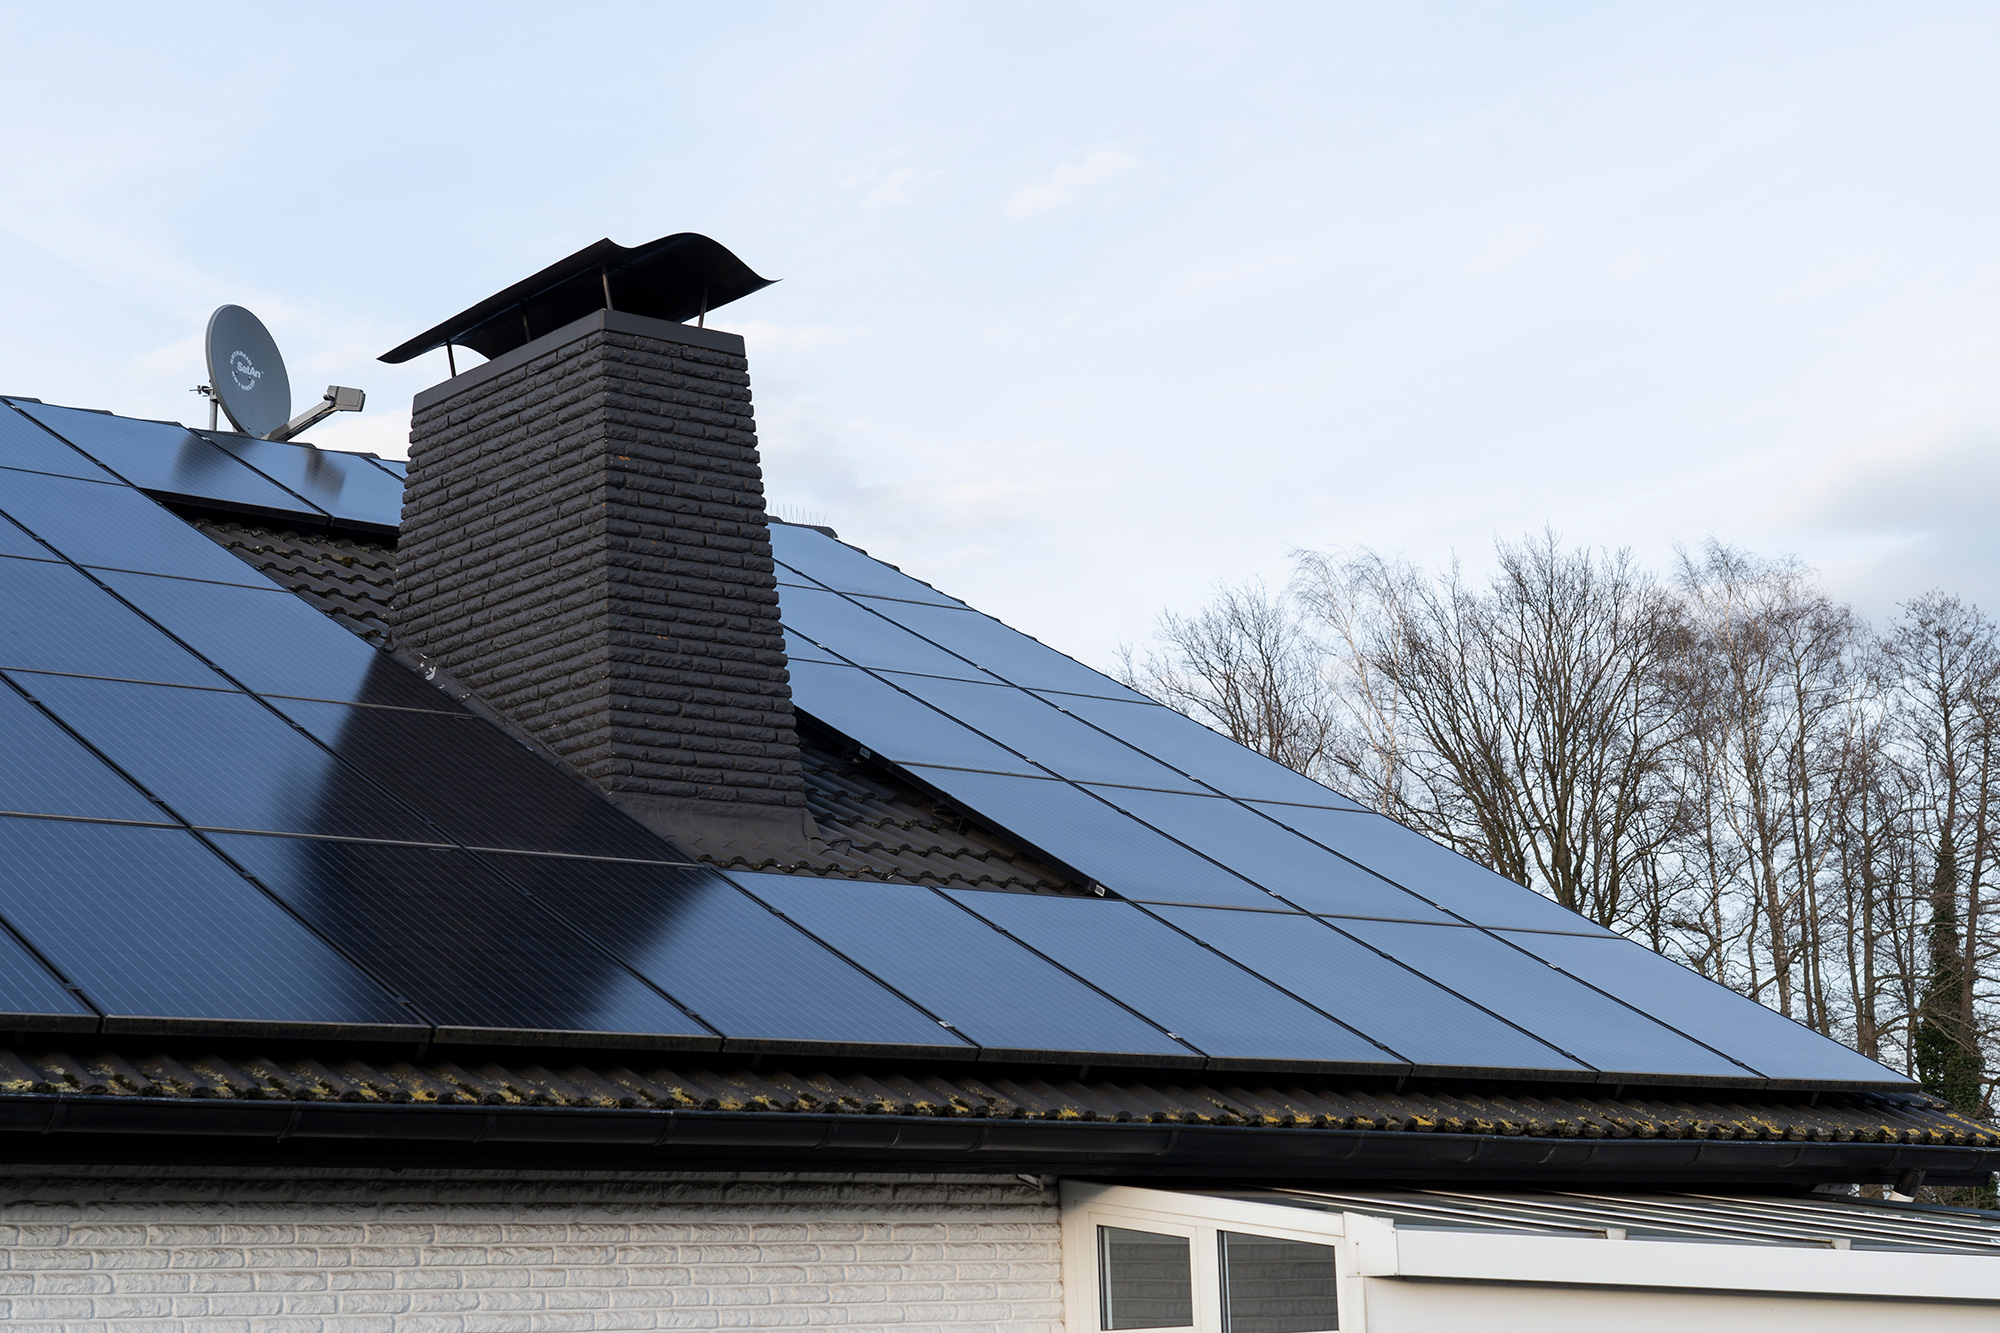 Eine Photovoltaik Anlage auf dem Einfamilienhaus Dach ermöglicht eine autarke Energiegewinnung